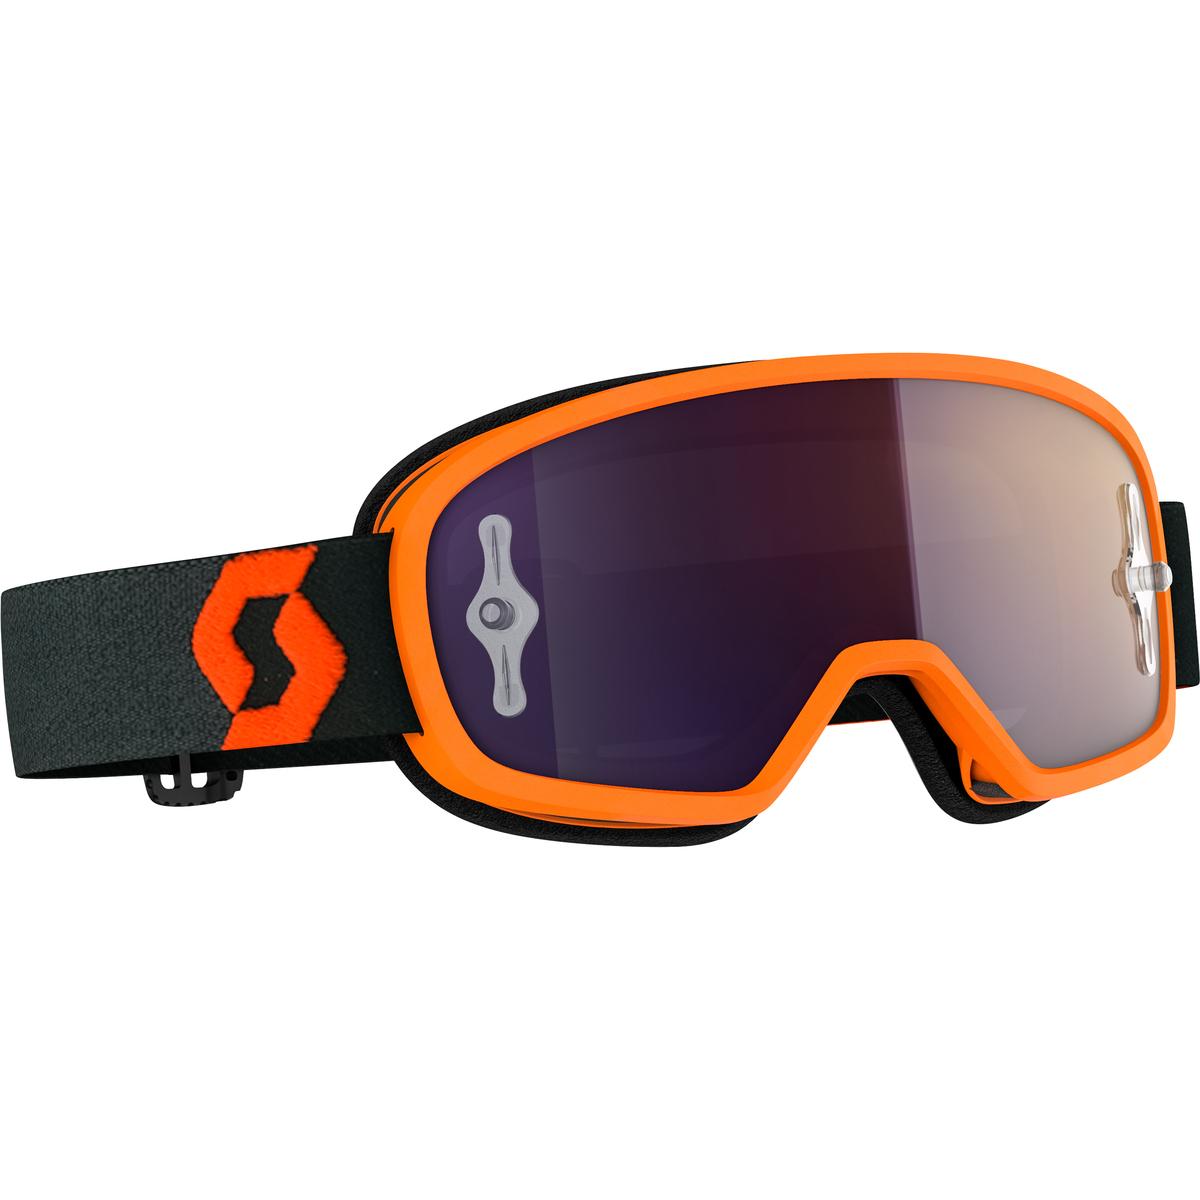 Bild 2 von Scott Buzz Pro Kinder Crossbrille orange